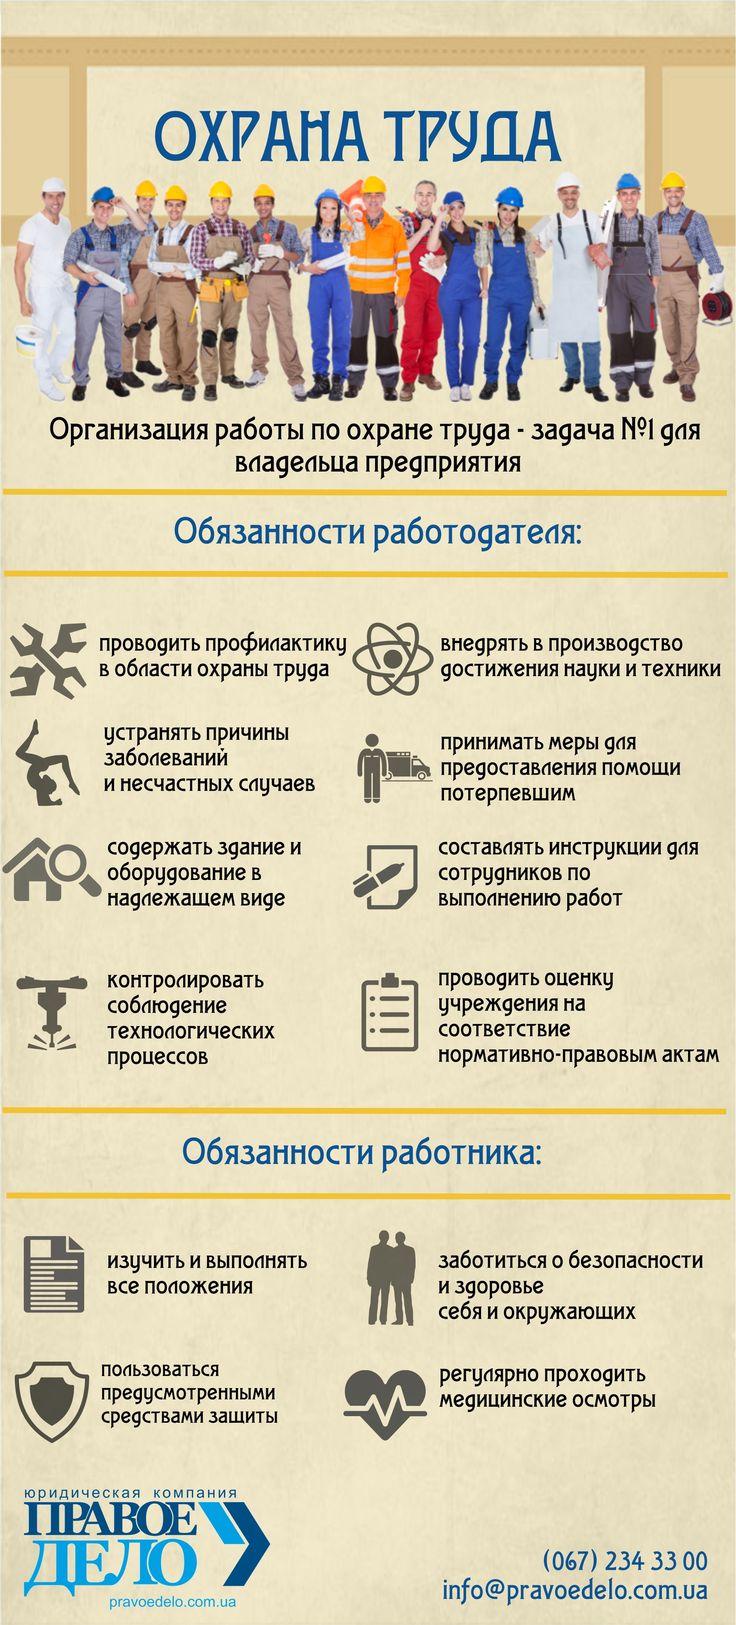 Охрана труда: требования к работникам и работодателю  #юрист #правоедело #охранатруда #предприниматель